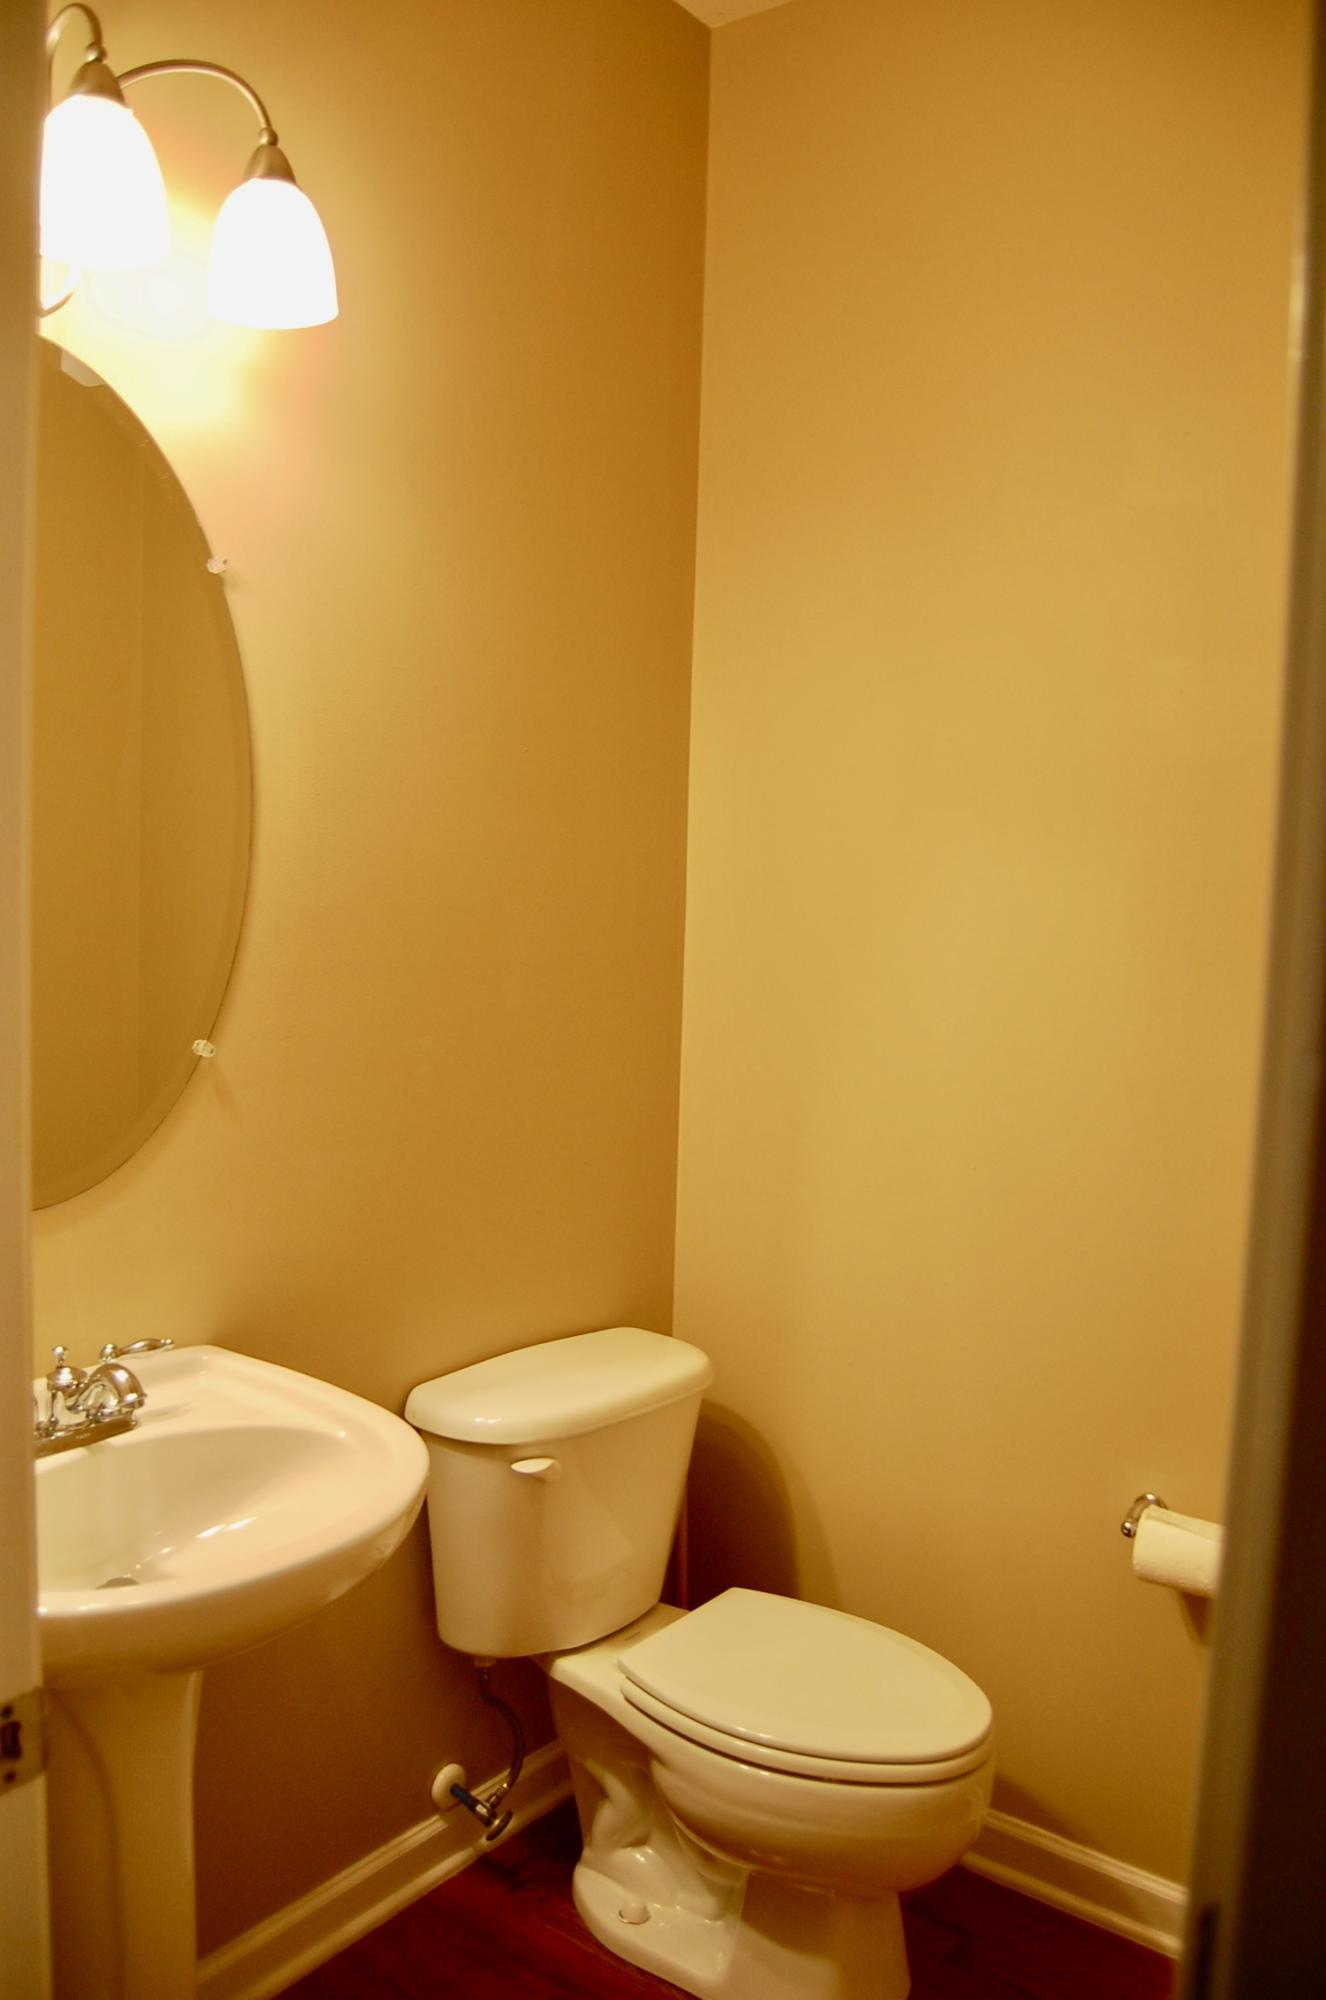 Park West Homes For Sale - 3529 Claremont, Mount Pleasant, SC - 4